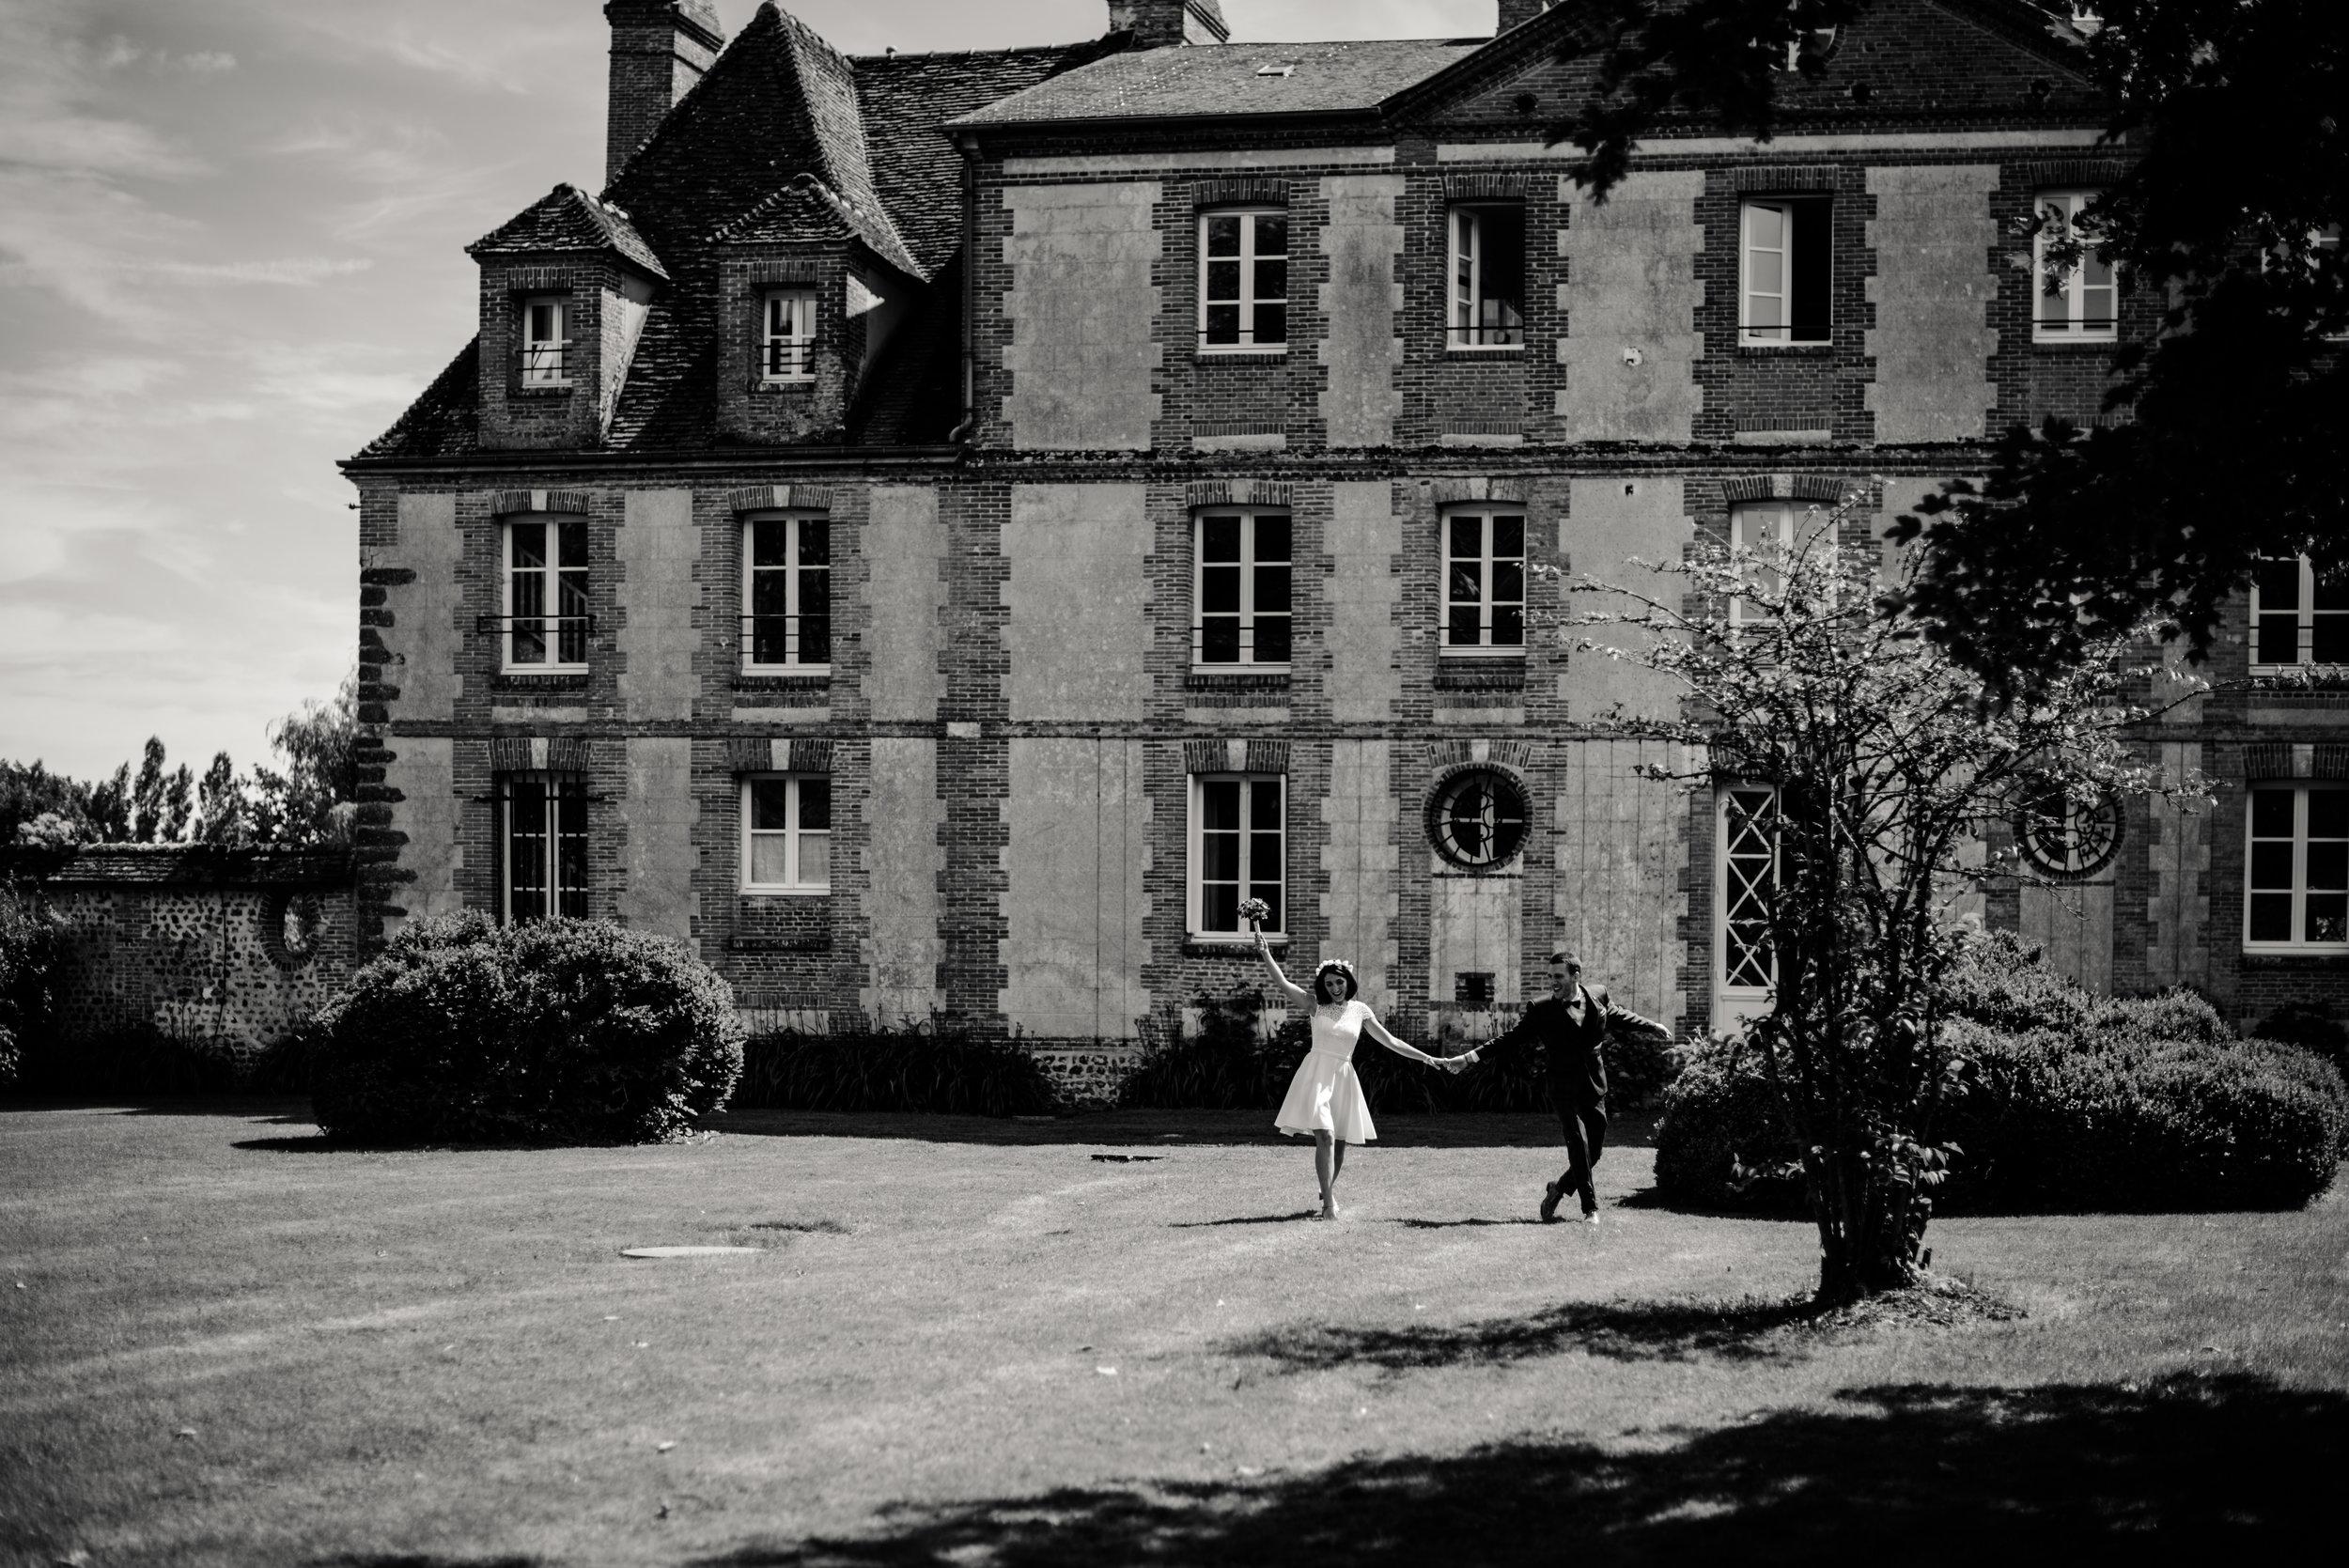 Léa-Fery-photographe-professionnel-lyon-rhone-alpes-portrait-creation-mariage-evenement-evenementiel-famille-5204.jpg